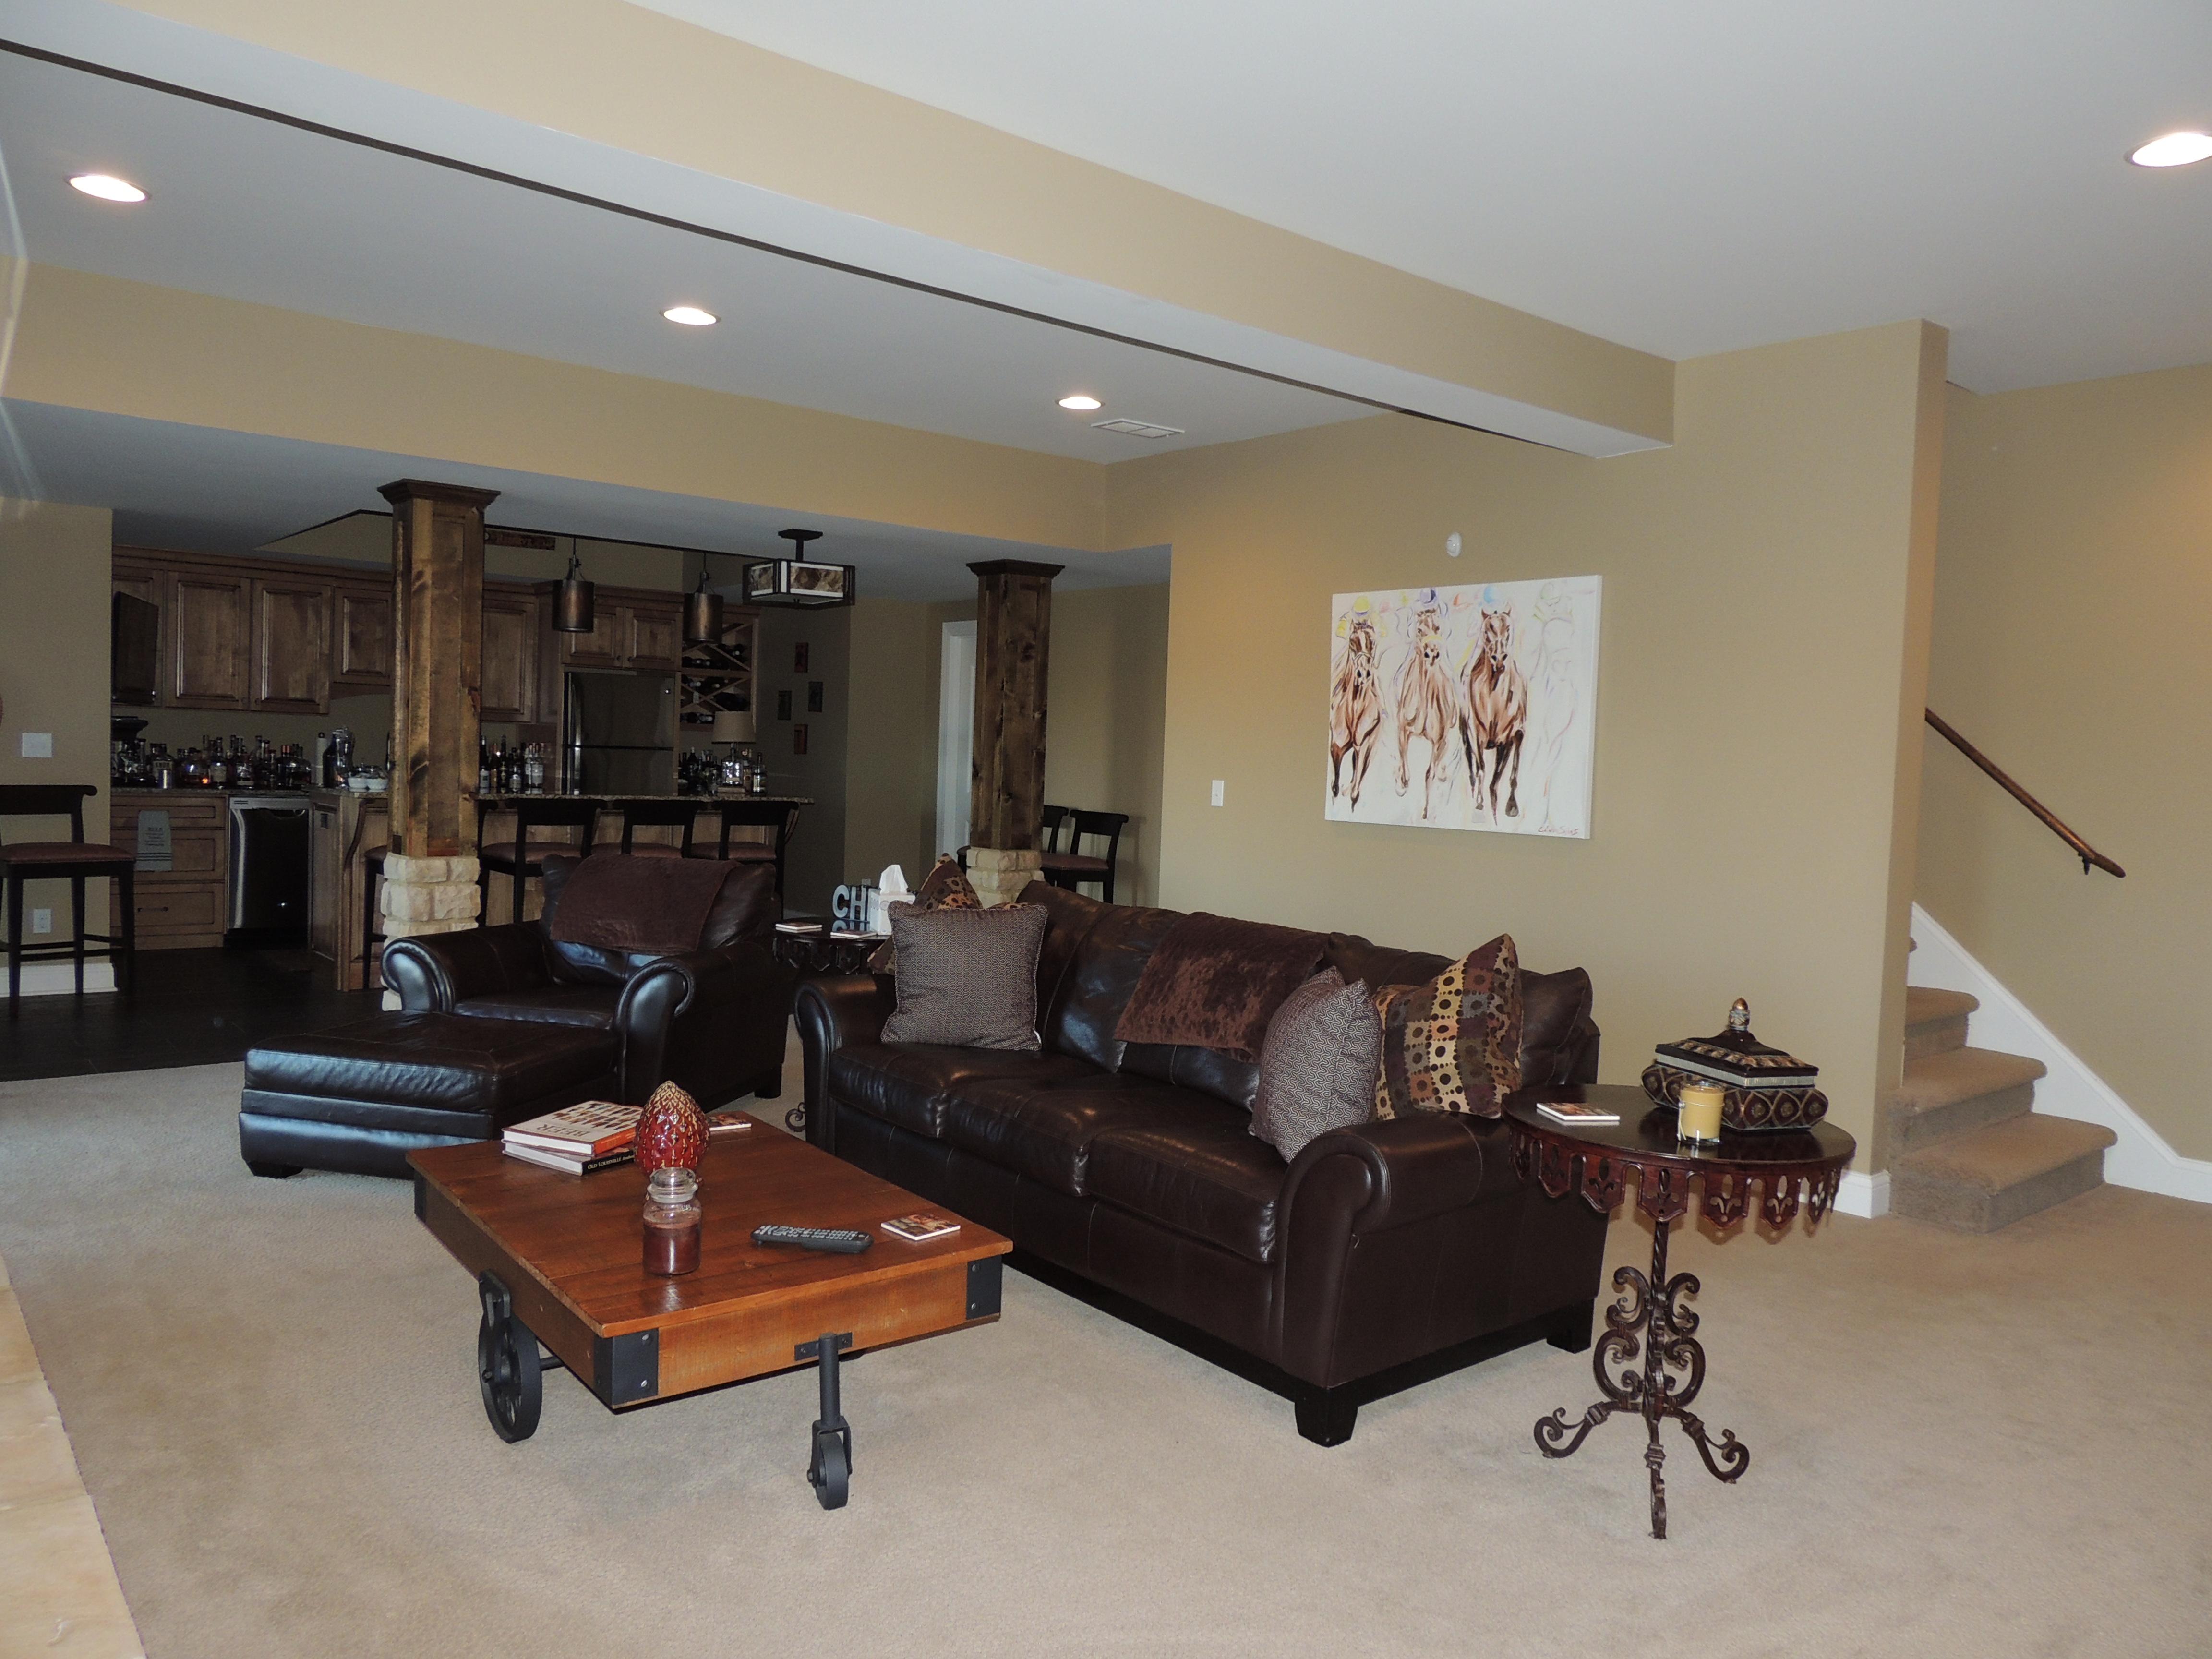 lemos home rich interiors classic office studio atelier luxury interior design